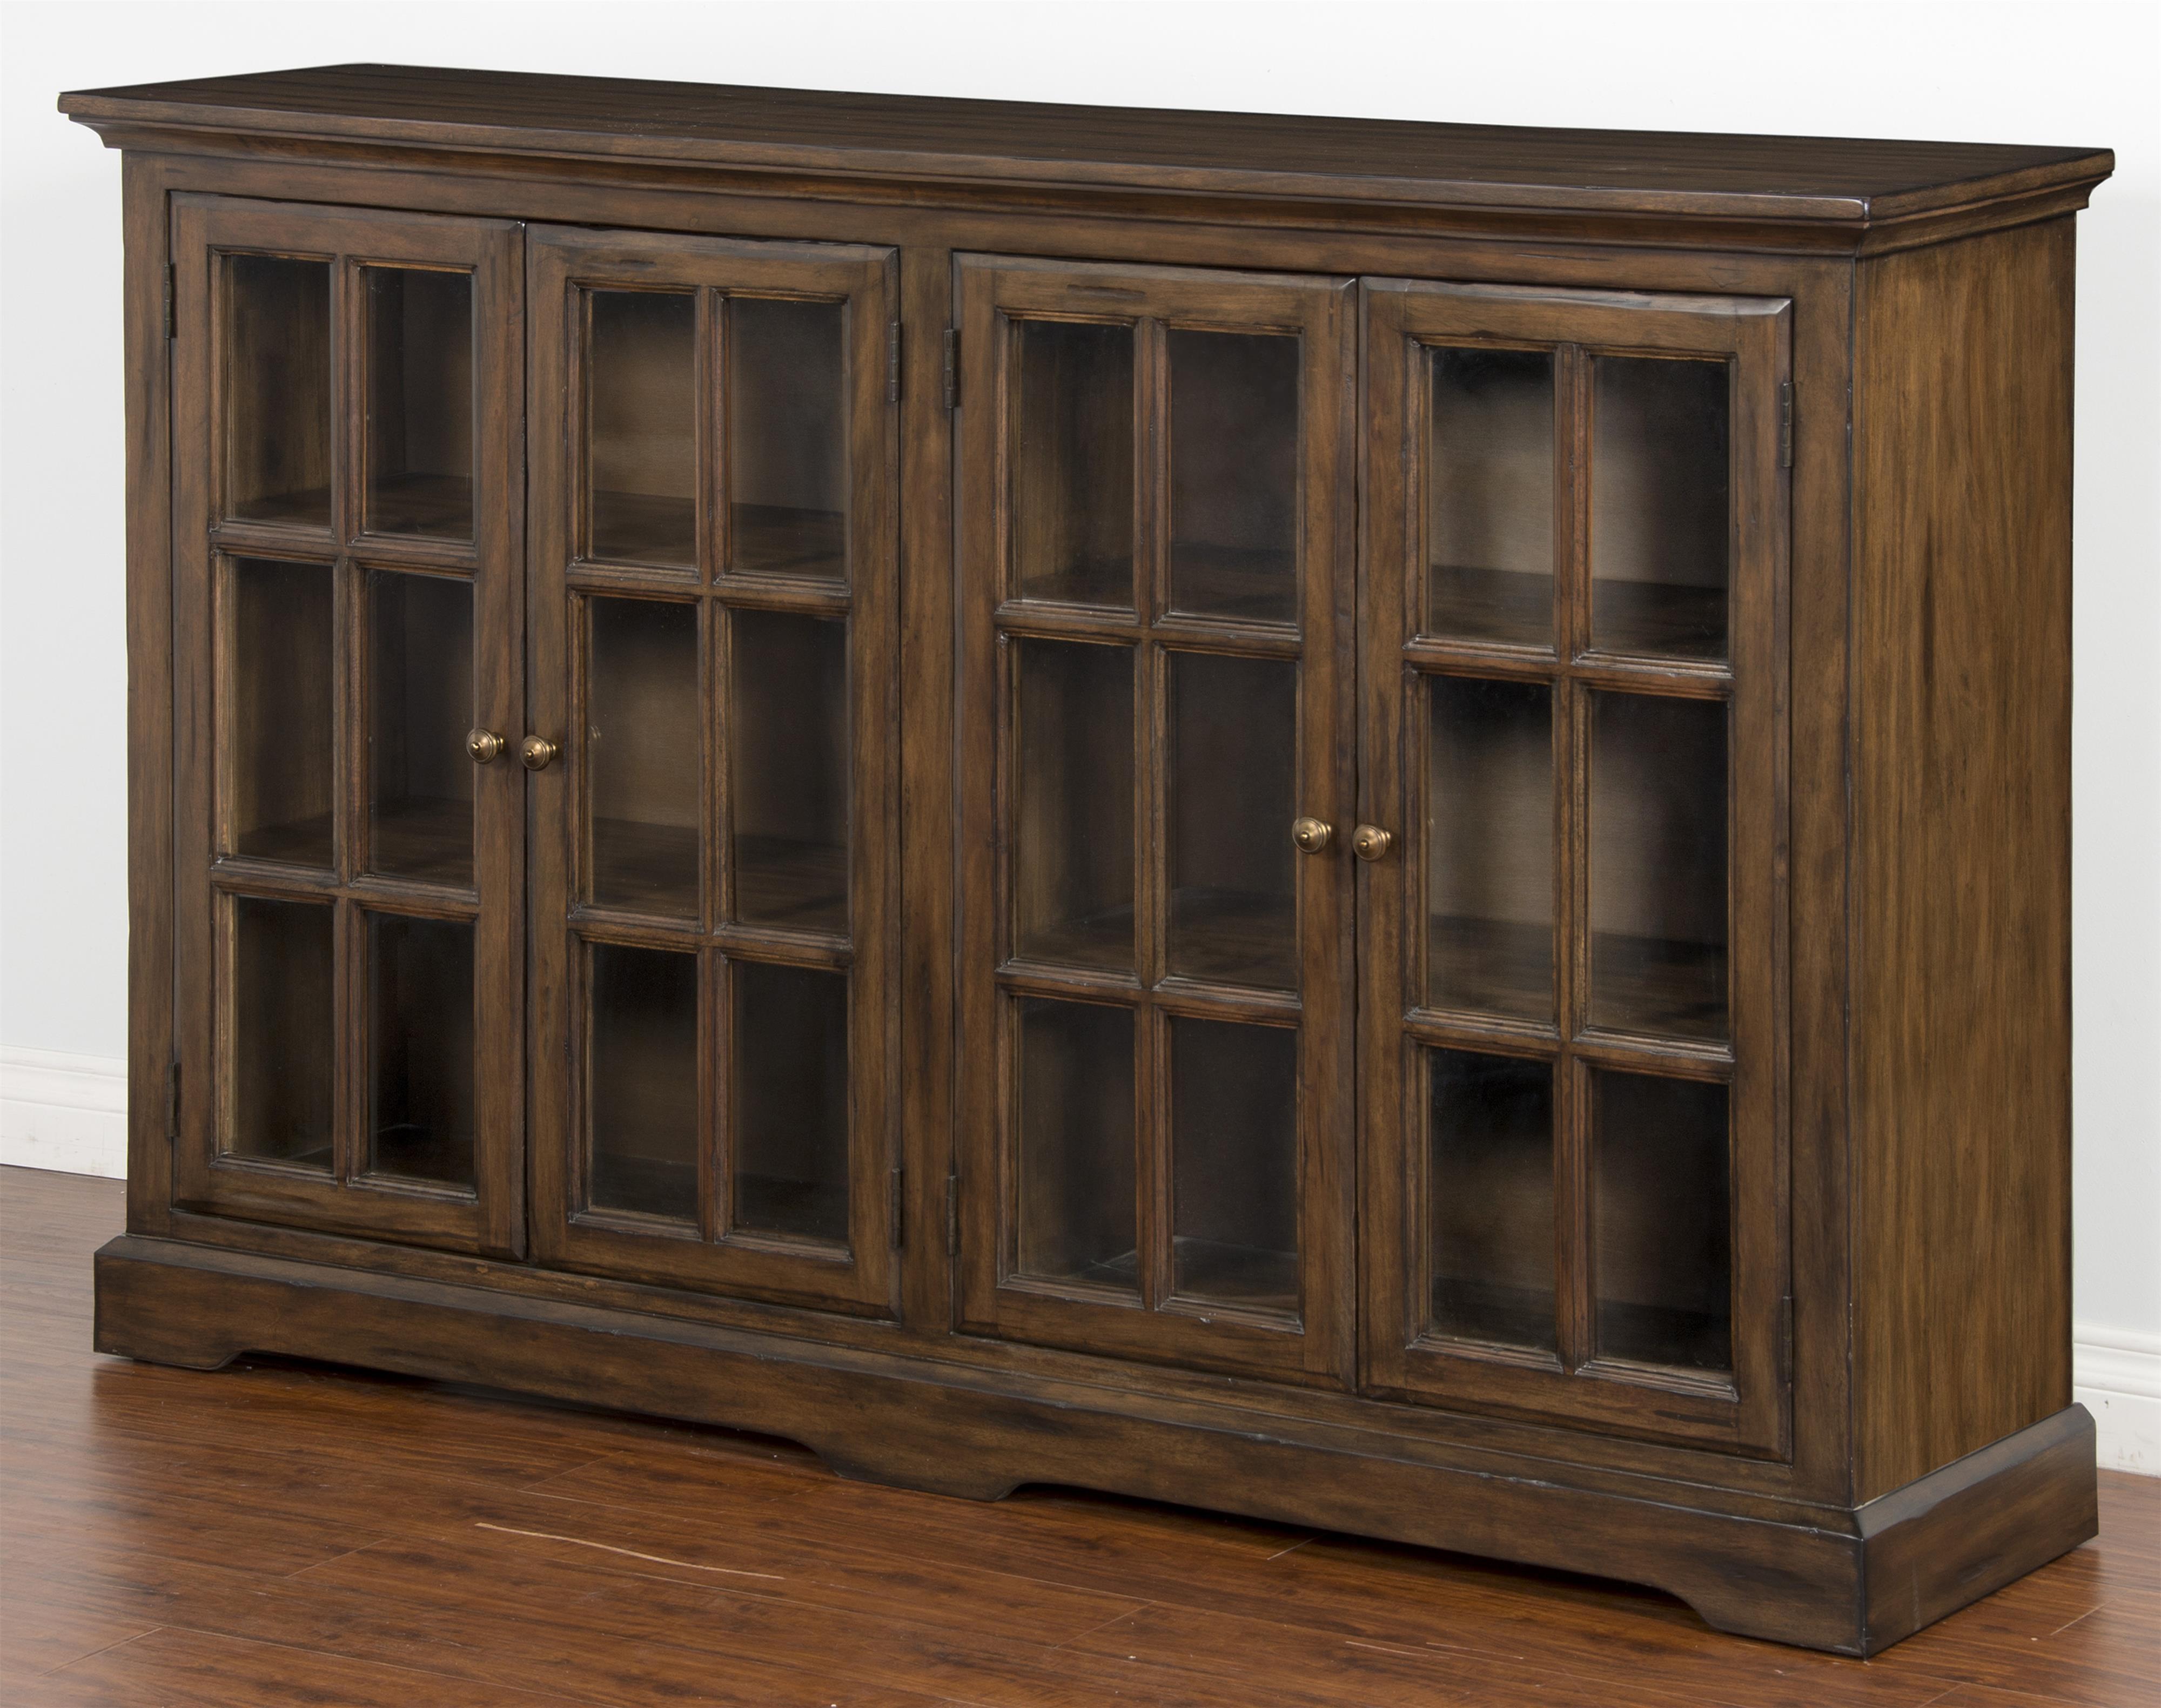 Morris Home Furnishings Shiloh Shiloh Server - Item Number: 386842441